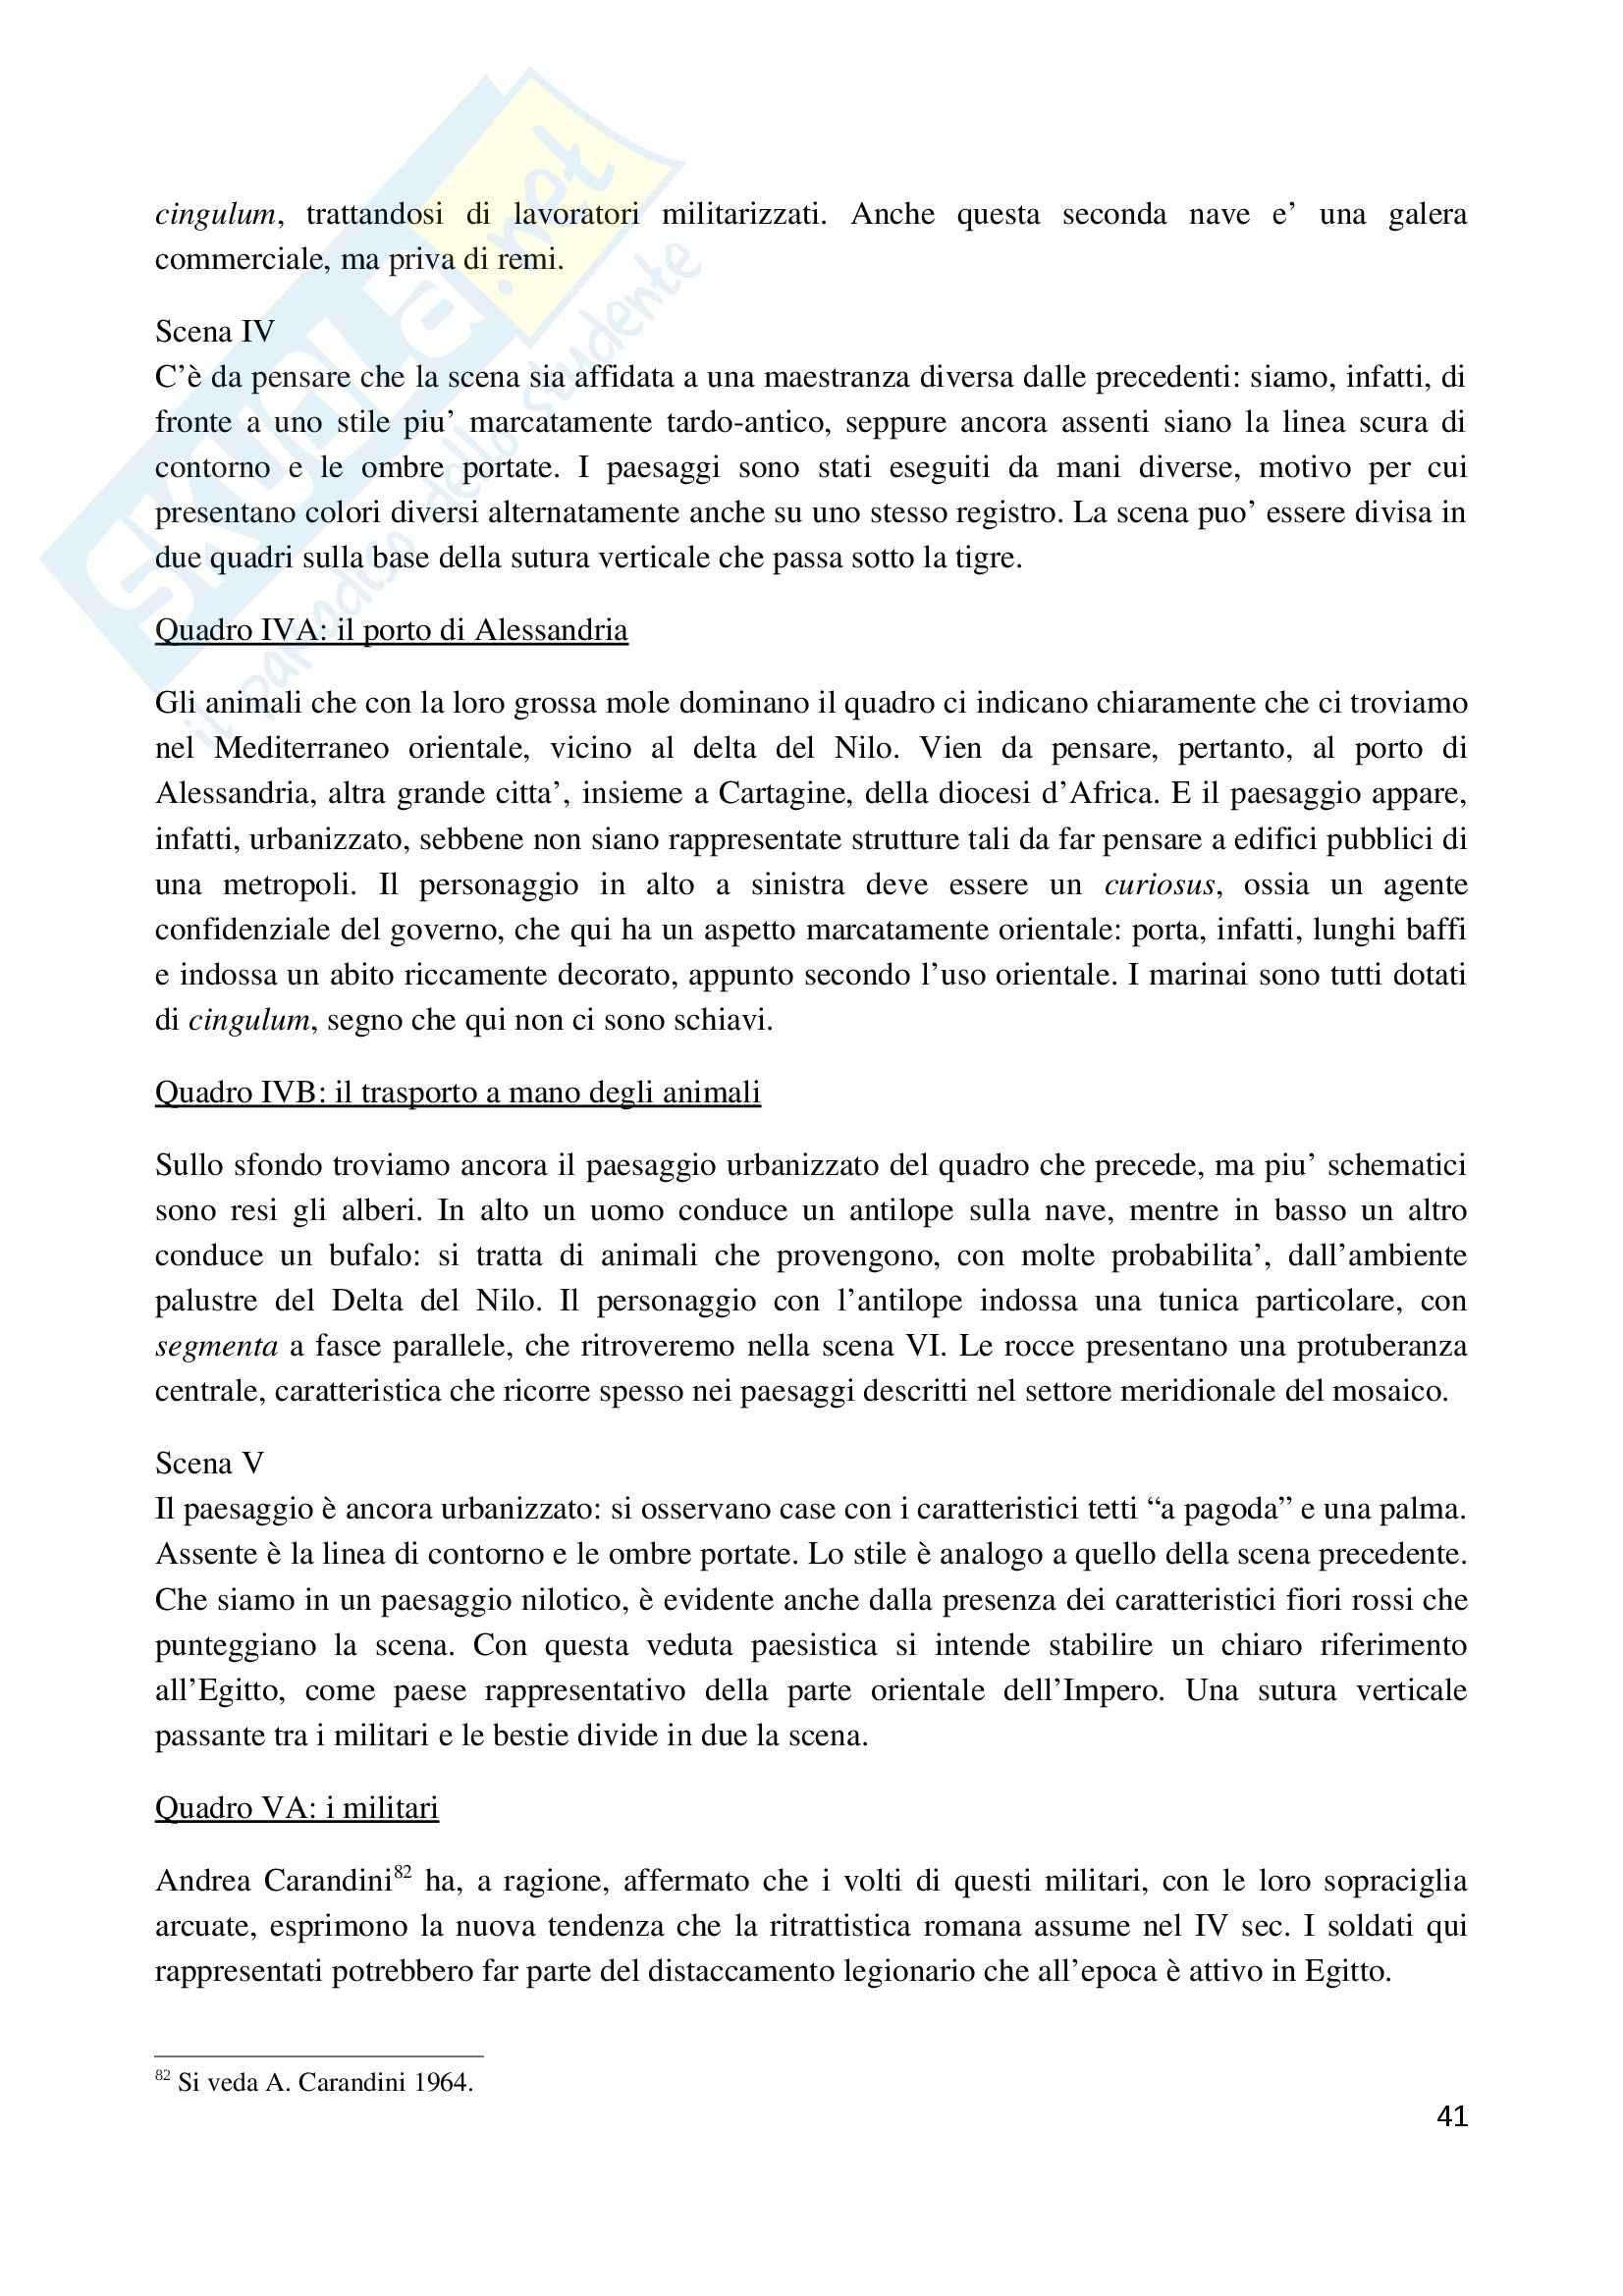 La villa romana di Piazza Armerina 2010, Archeologia e storia dell'arte Pag. 41